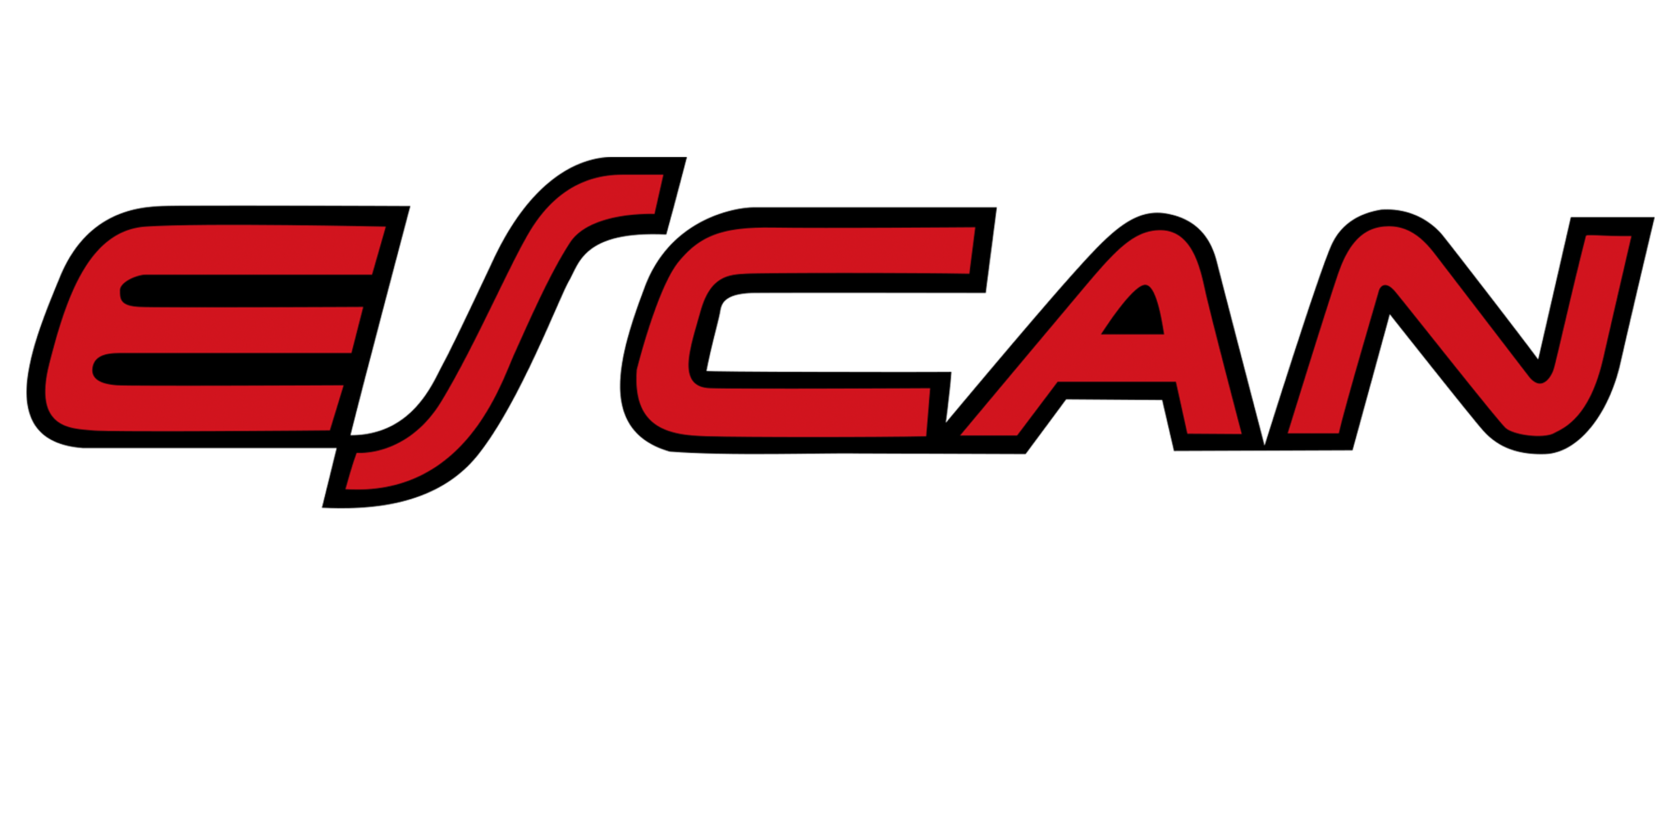 escan-brand-logo